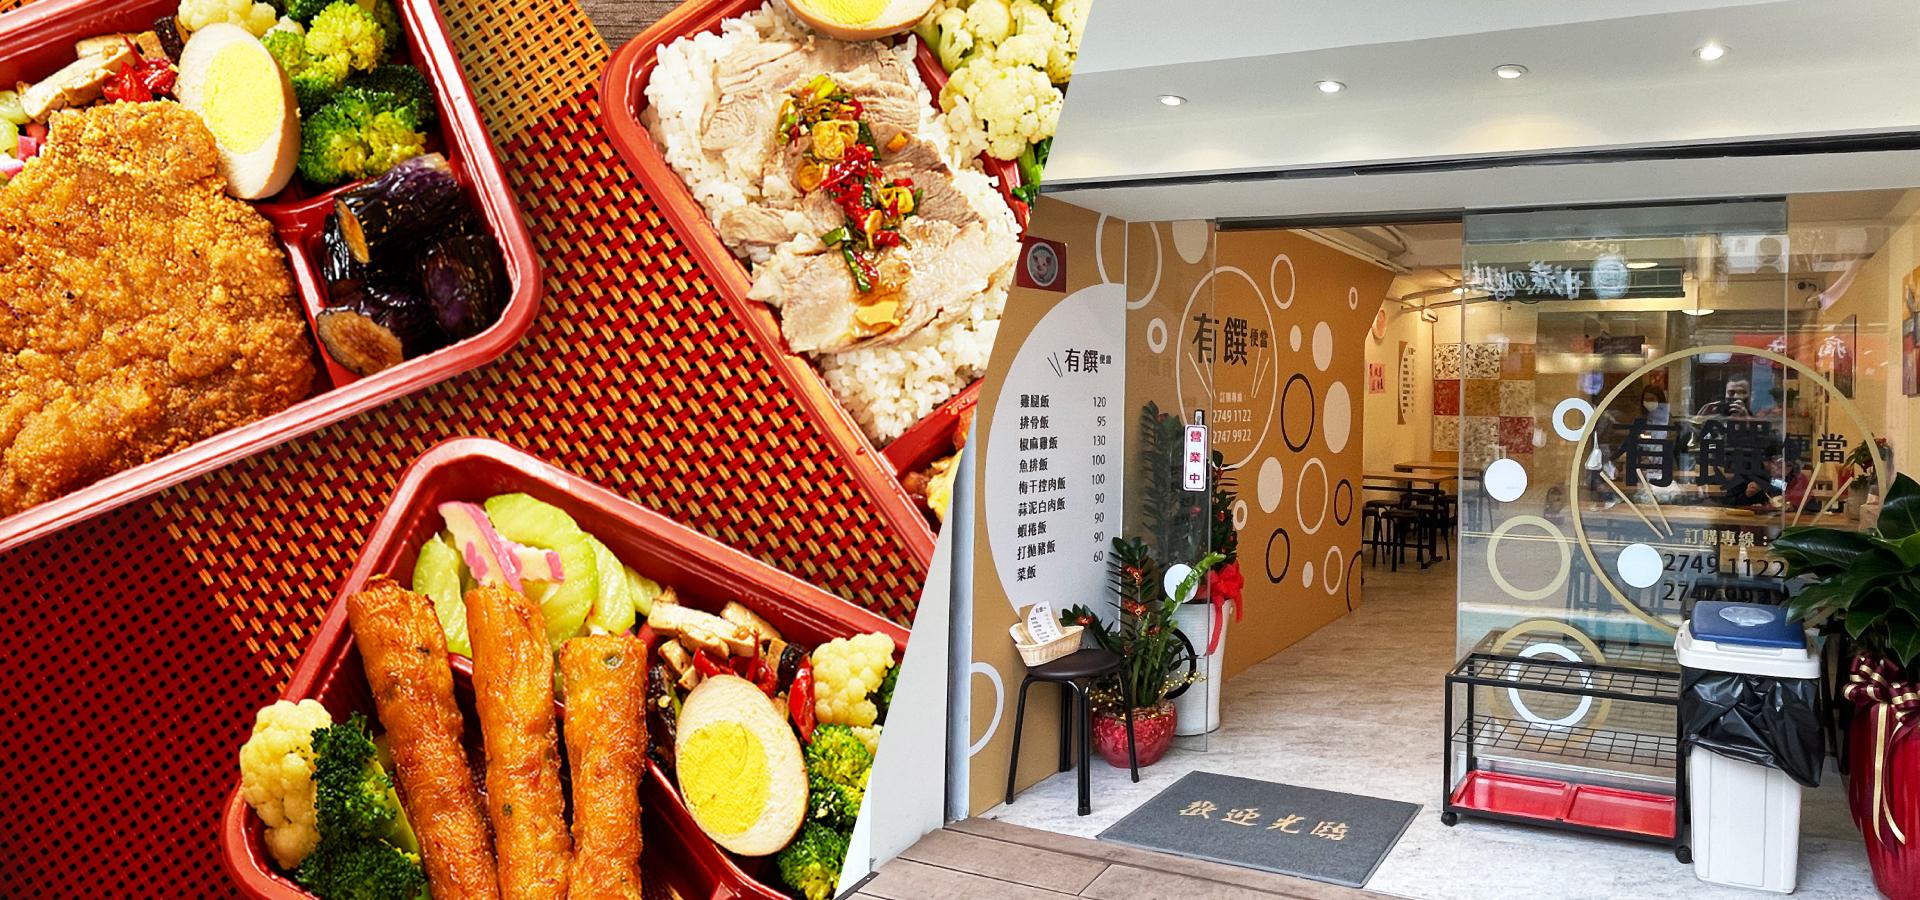 【永吉路30巷】有饌便當:主餐炸得好,還有異國風味可選,搭配五樣配菜超豐富-ume掃碼點餐